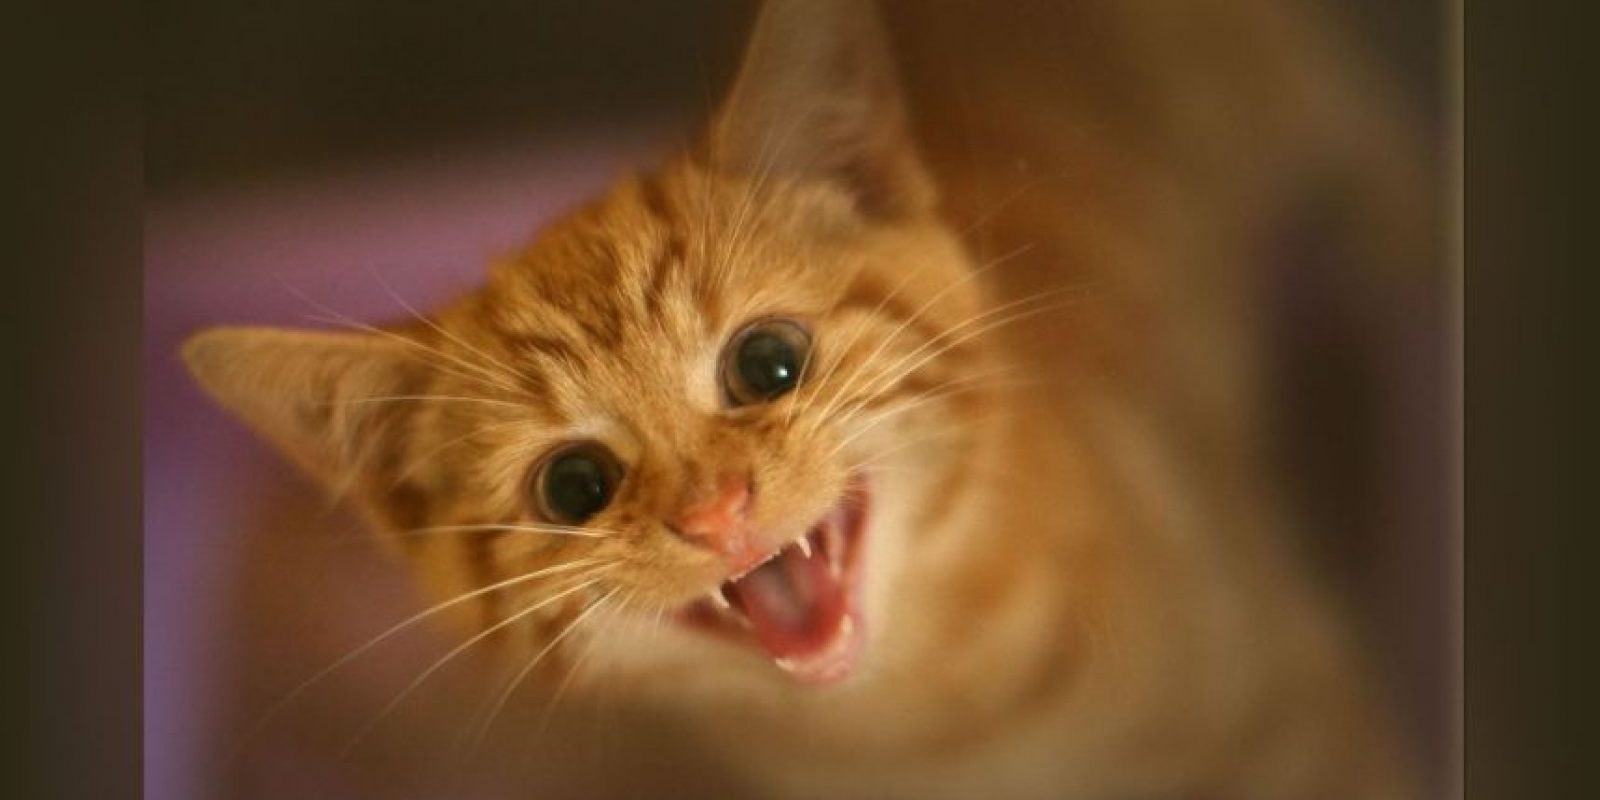 Los gatos cazan aunque no tengan hambre. Foto:Getty Images